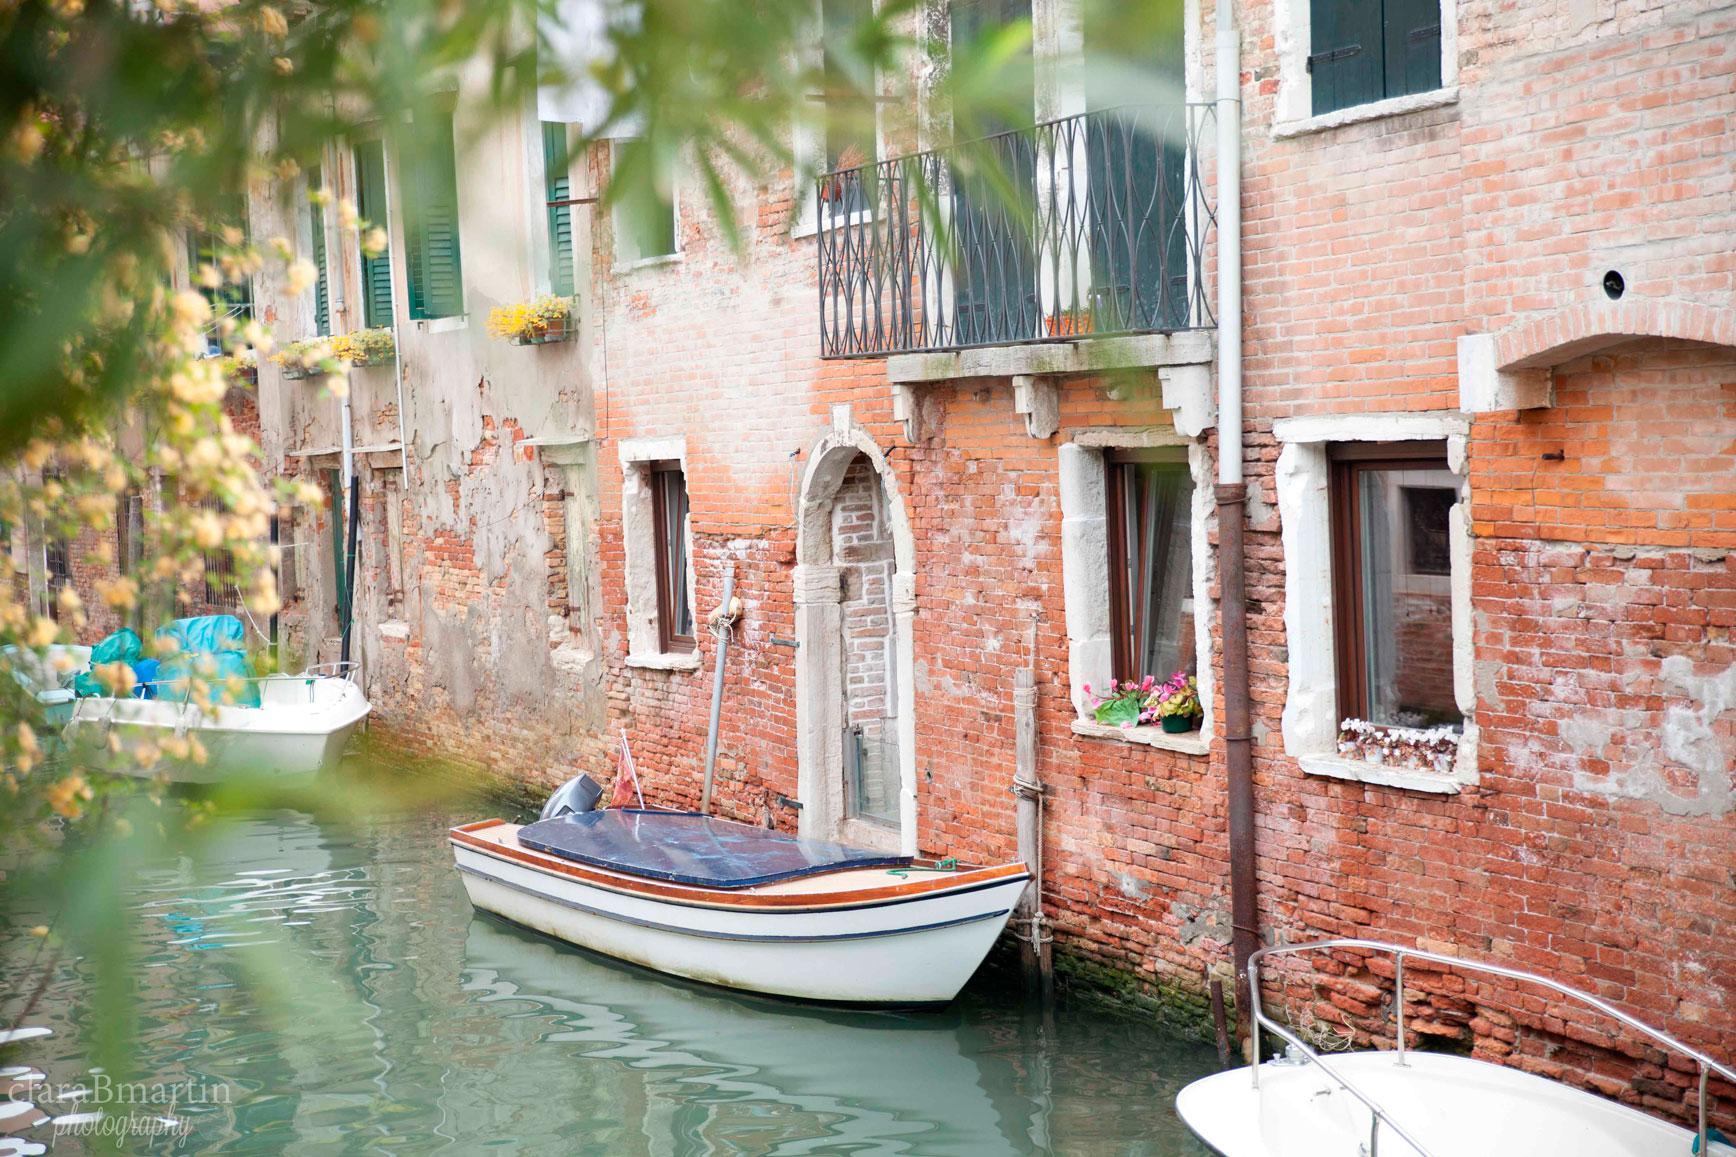 Venecia_claraBmartin_06